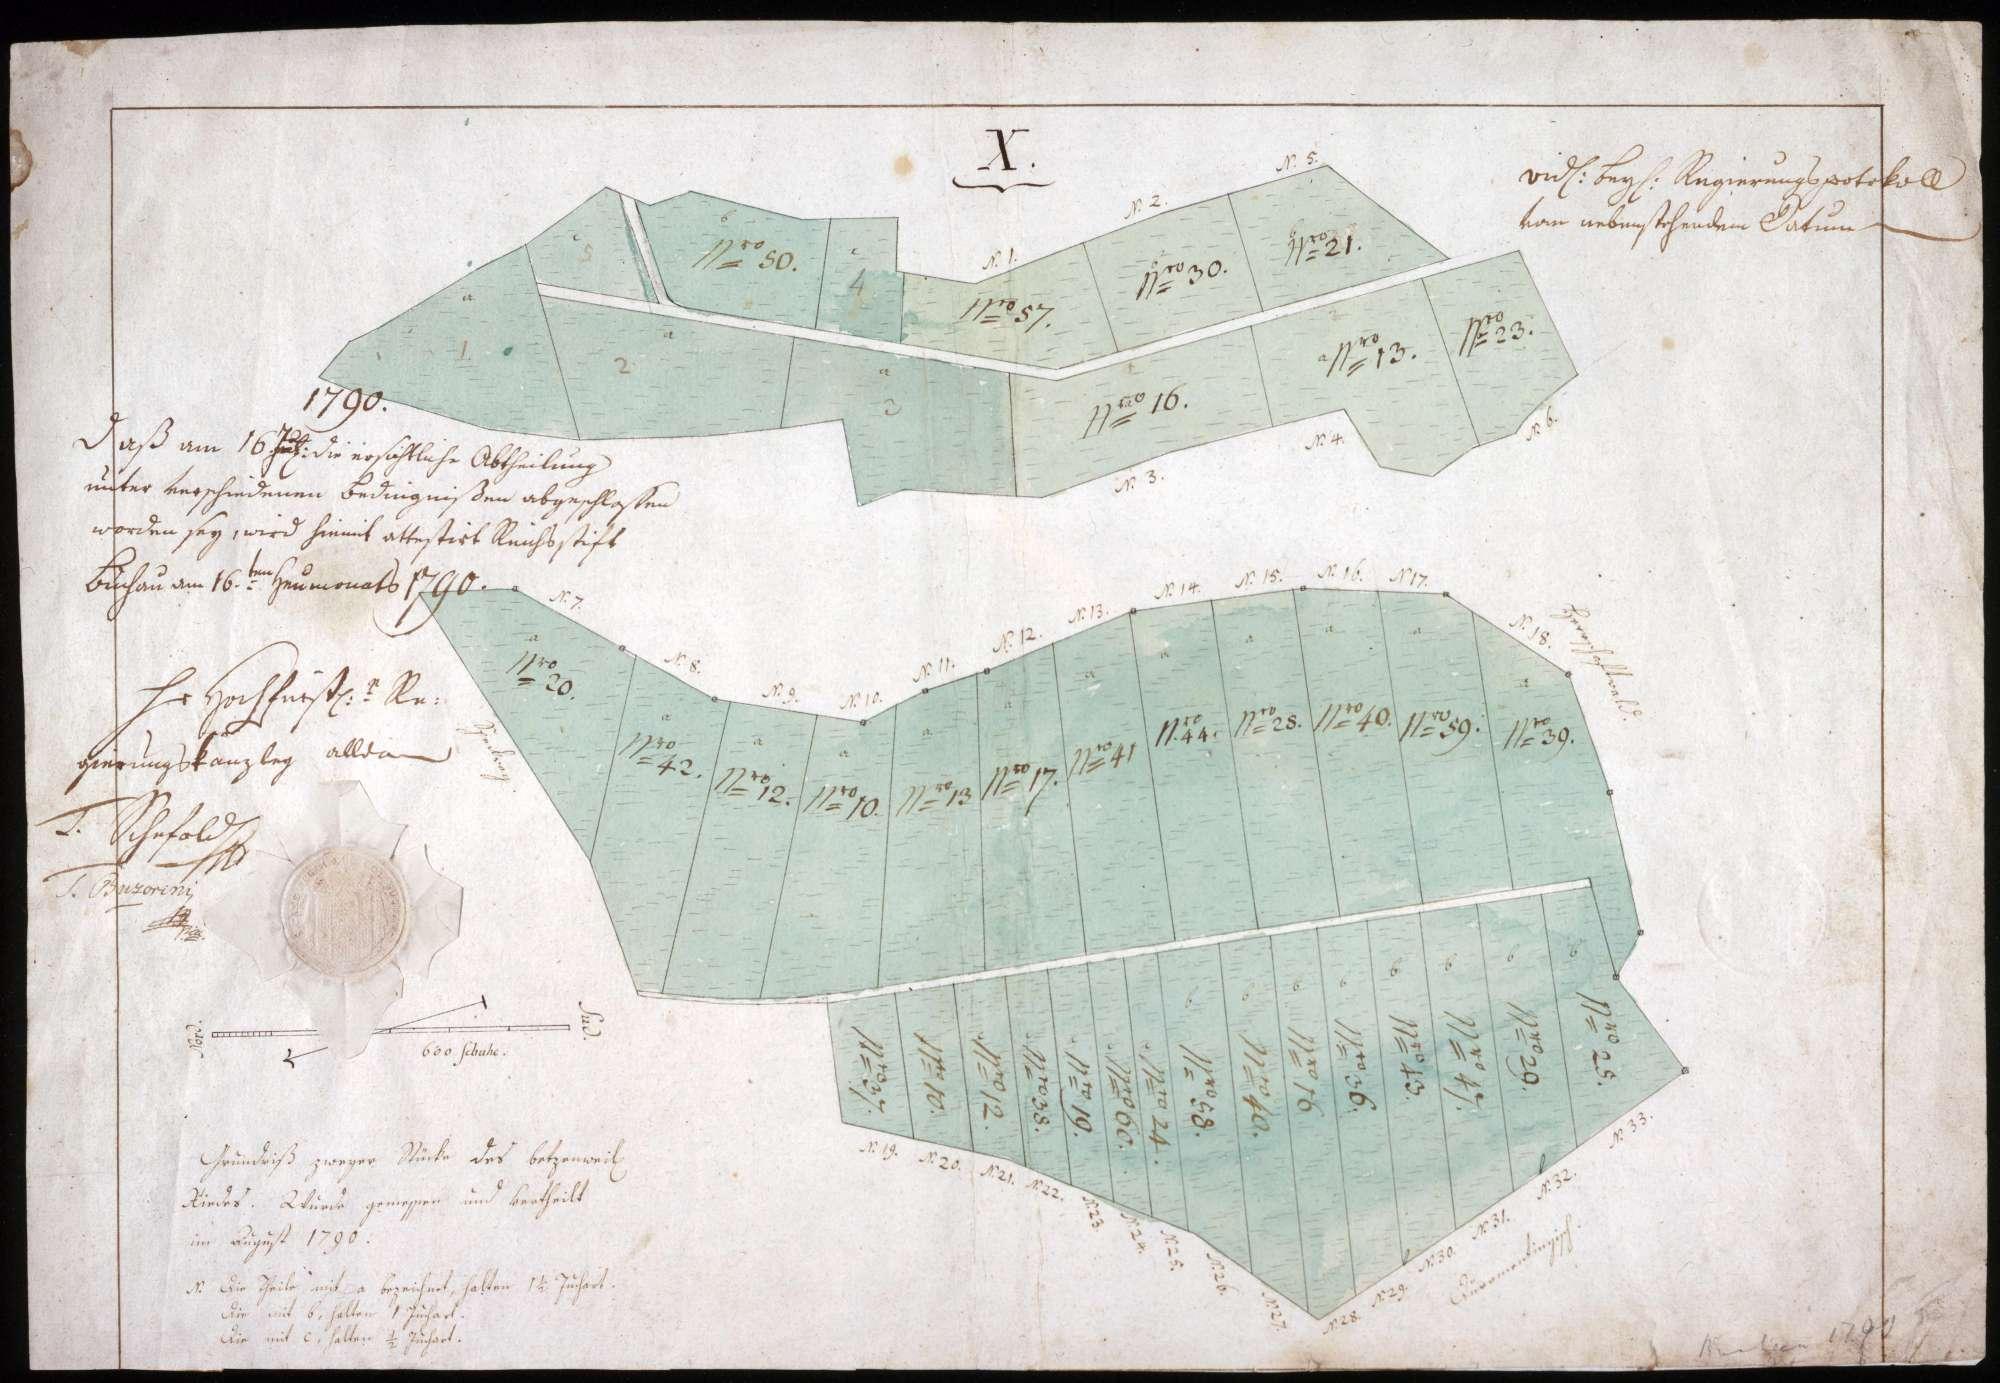 Grundriß zweier Grundstücke im Betzenweiler Ried mit Attest der Regierungskanzlei Maßstab ca. 1 : 1600 col. handgez., Bild 1